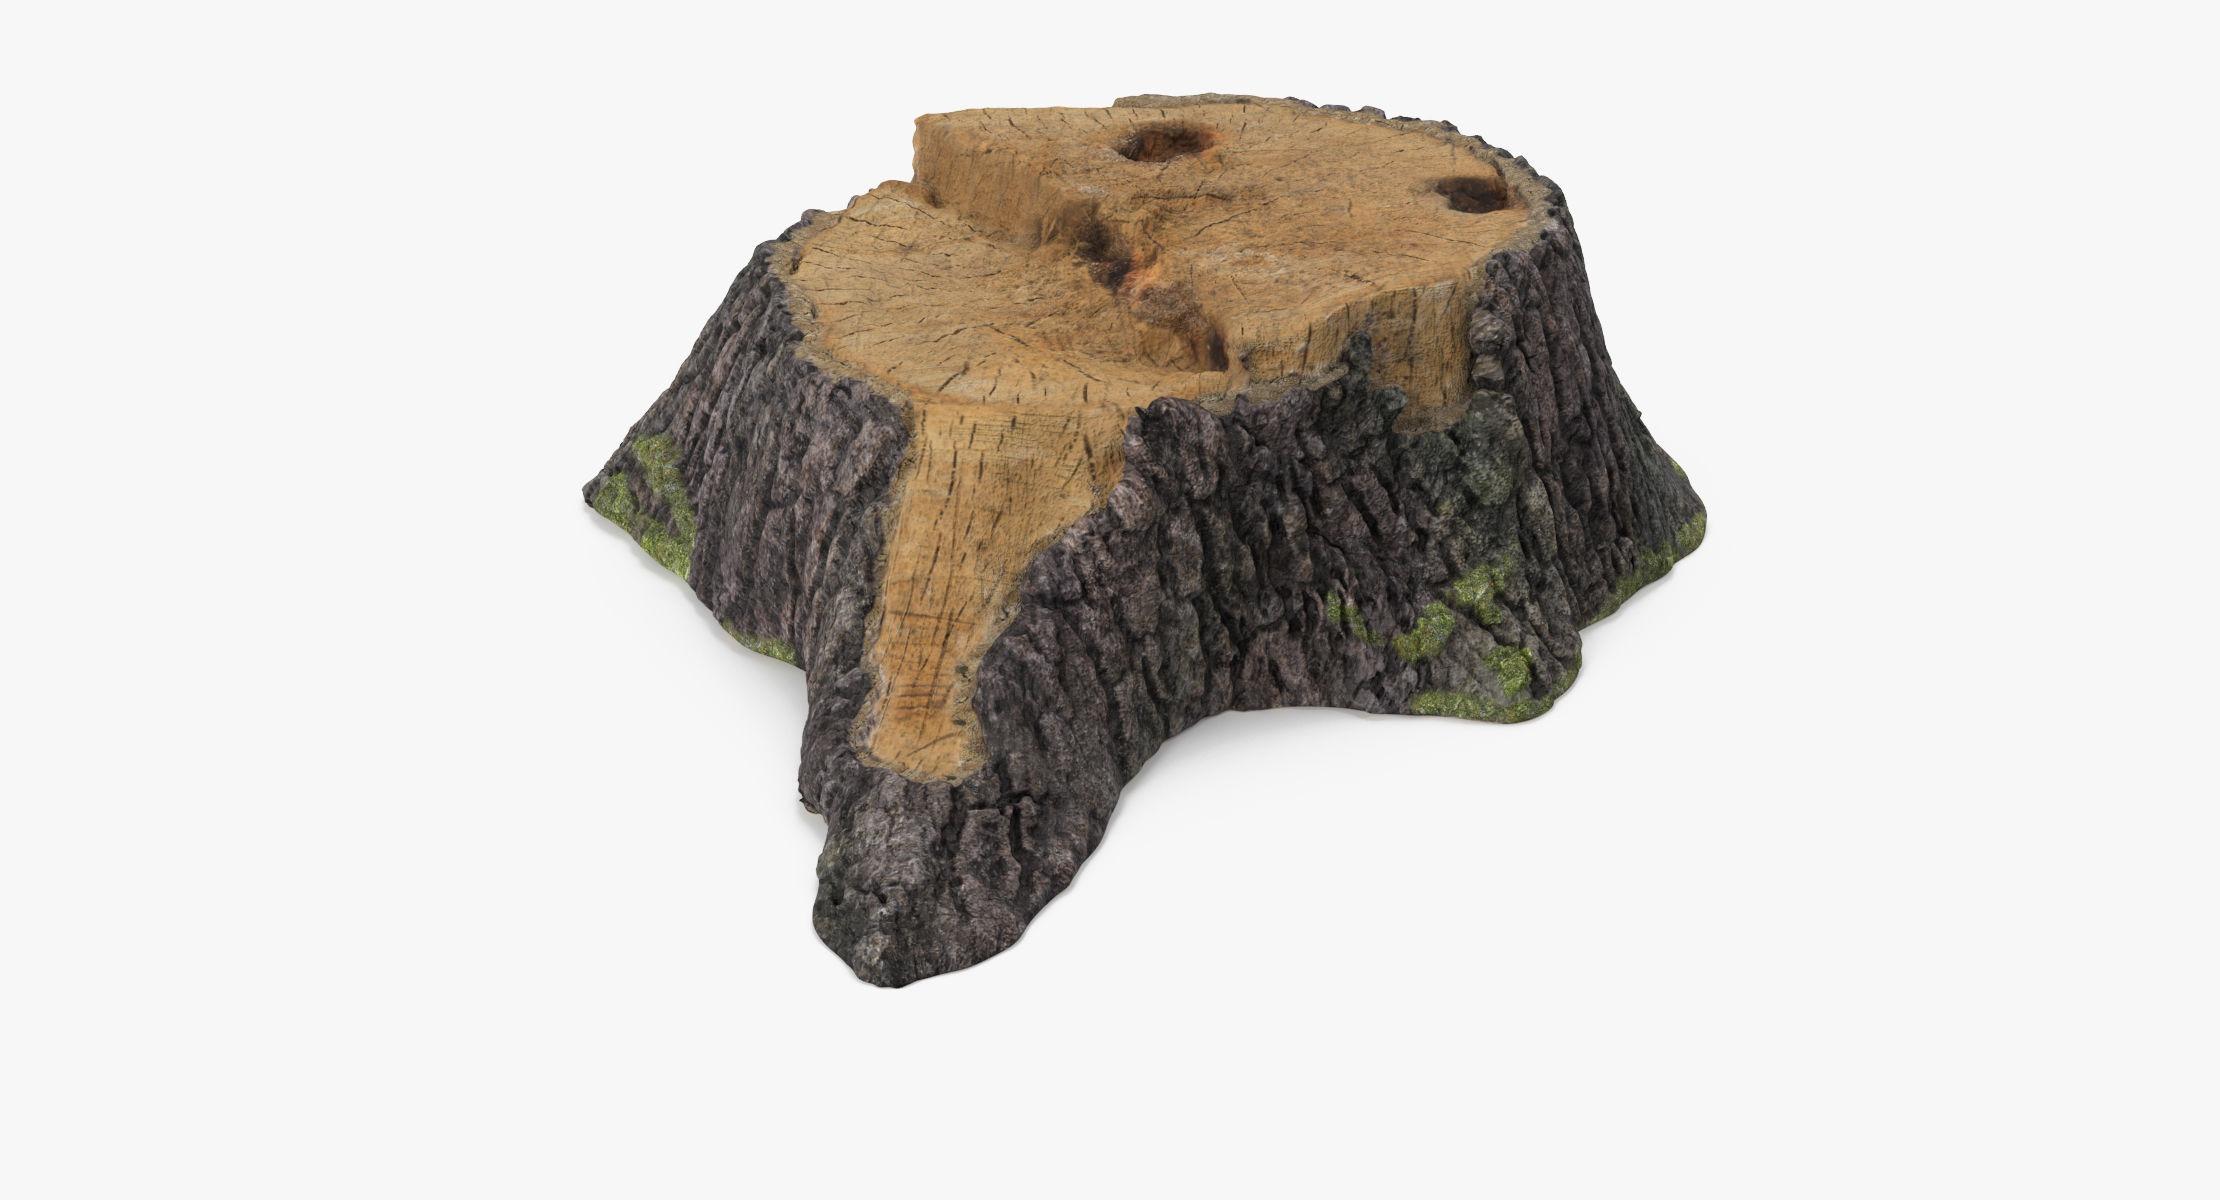 Tree Stump 01 - reel 1